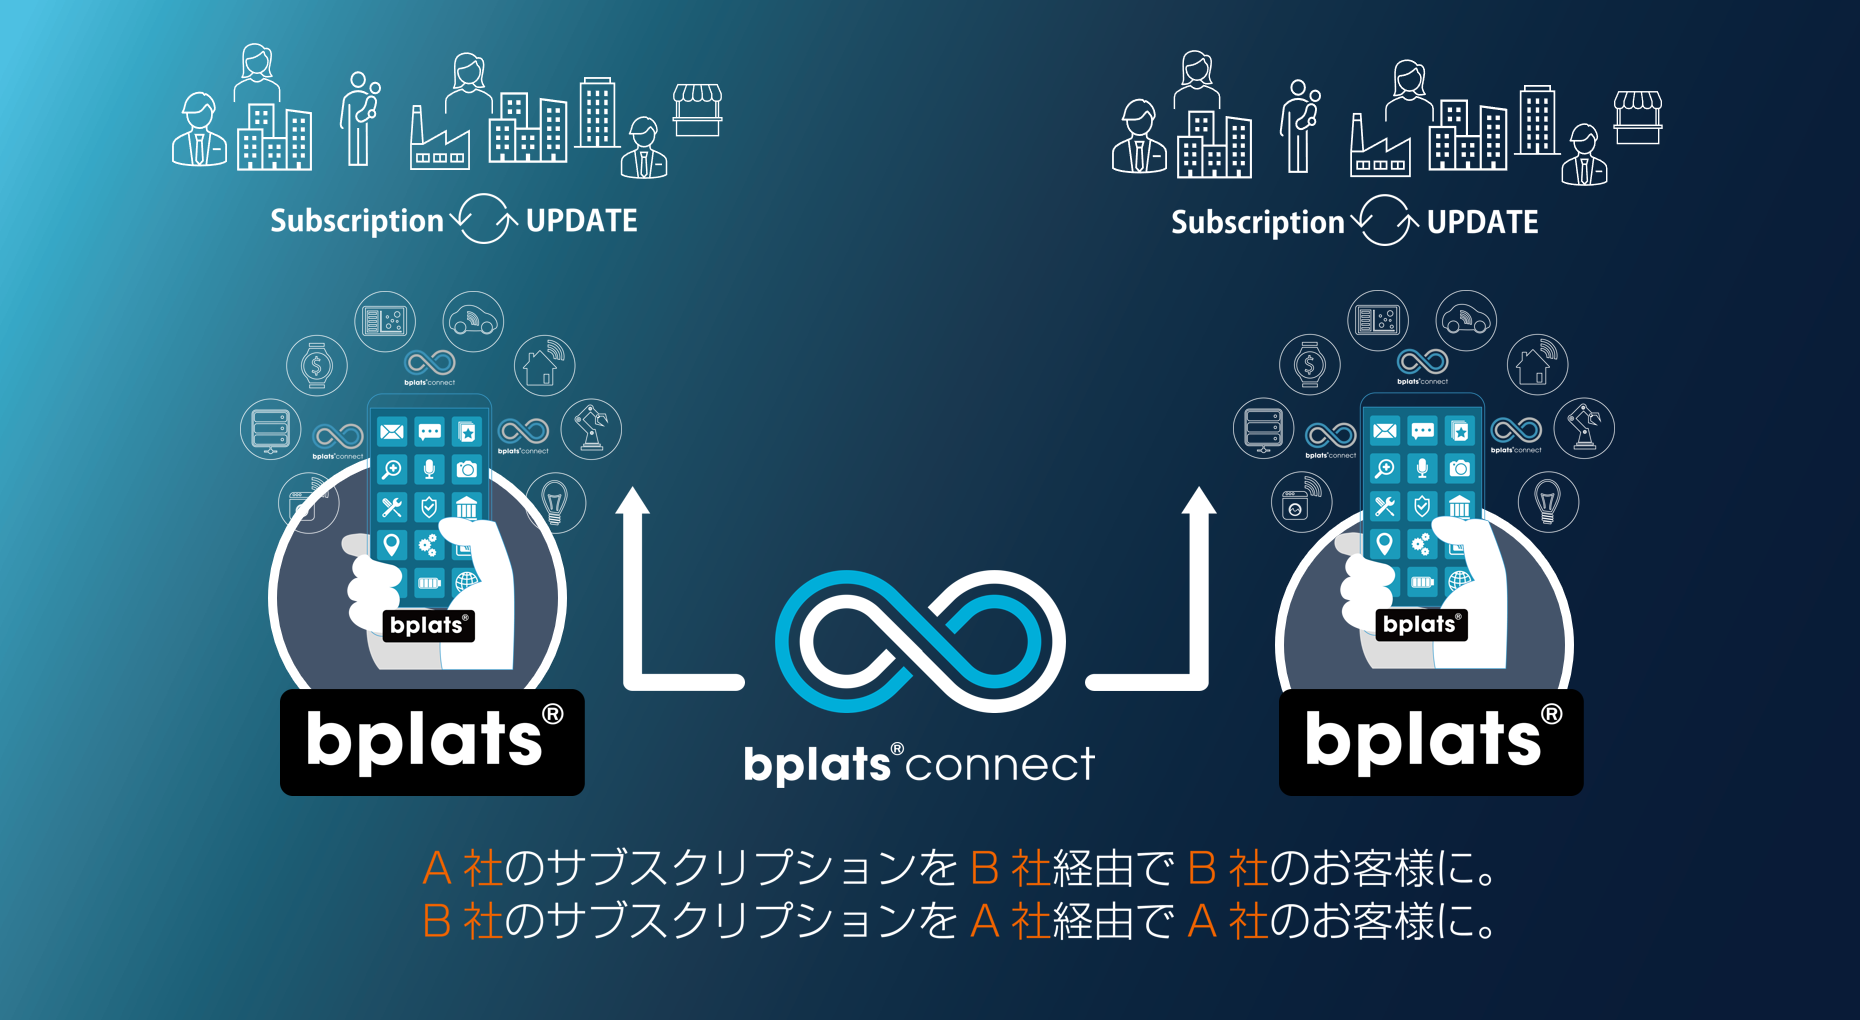 サブスクリプション統合プラットフォームBplats(R)において新サービス「Bplats(R) Connect」を今夏展開予定